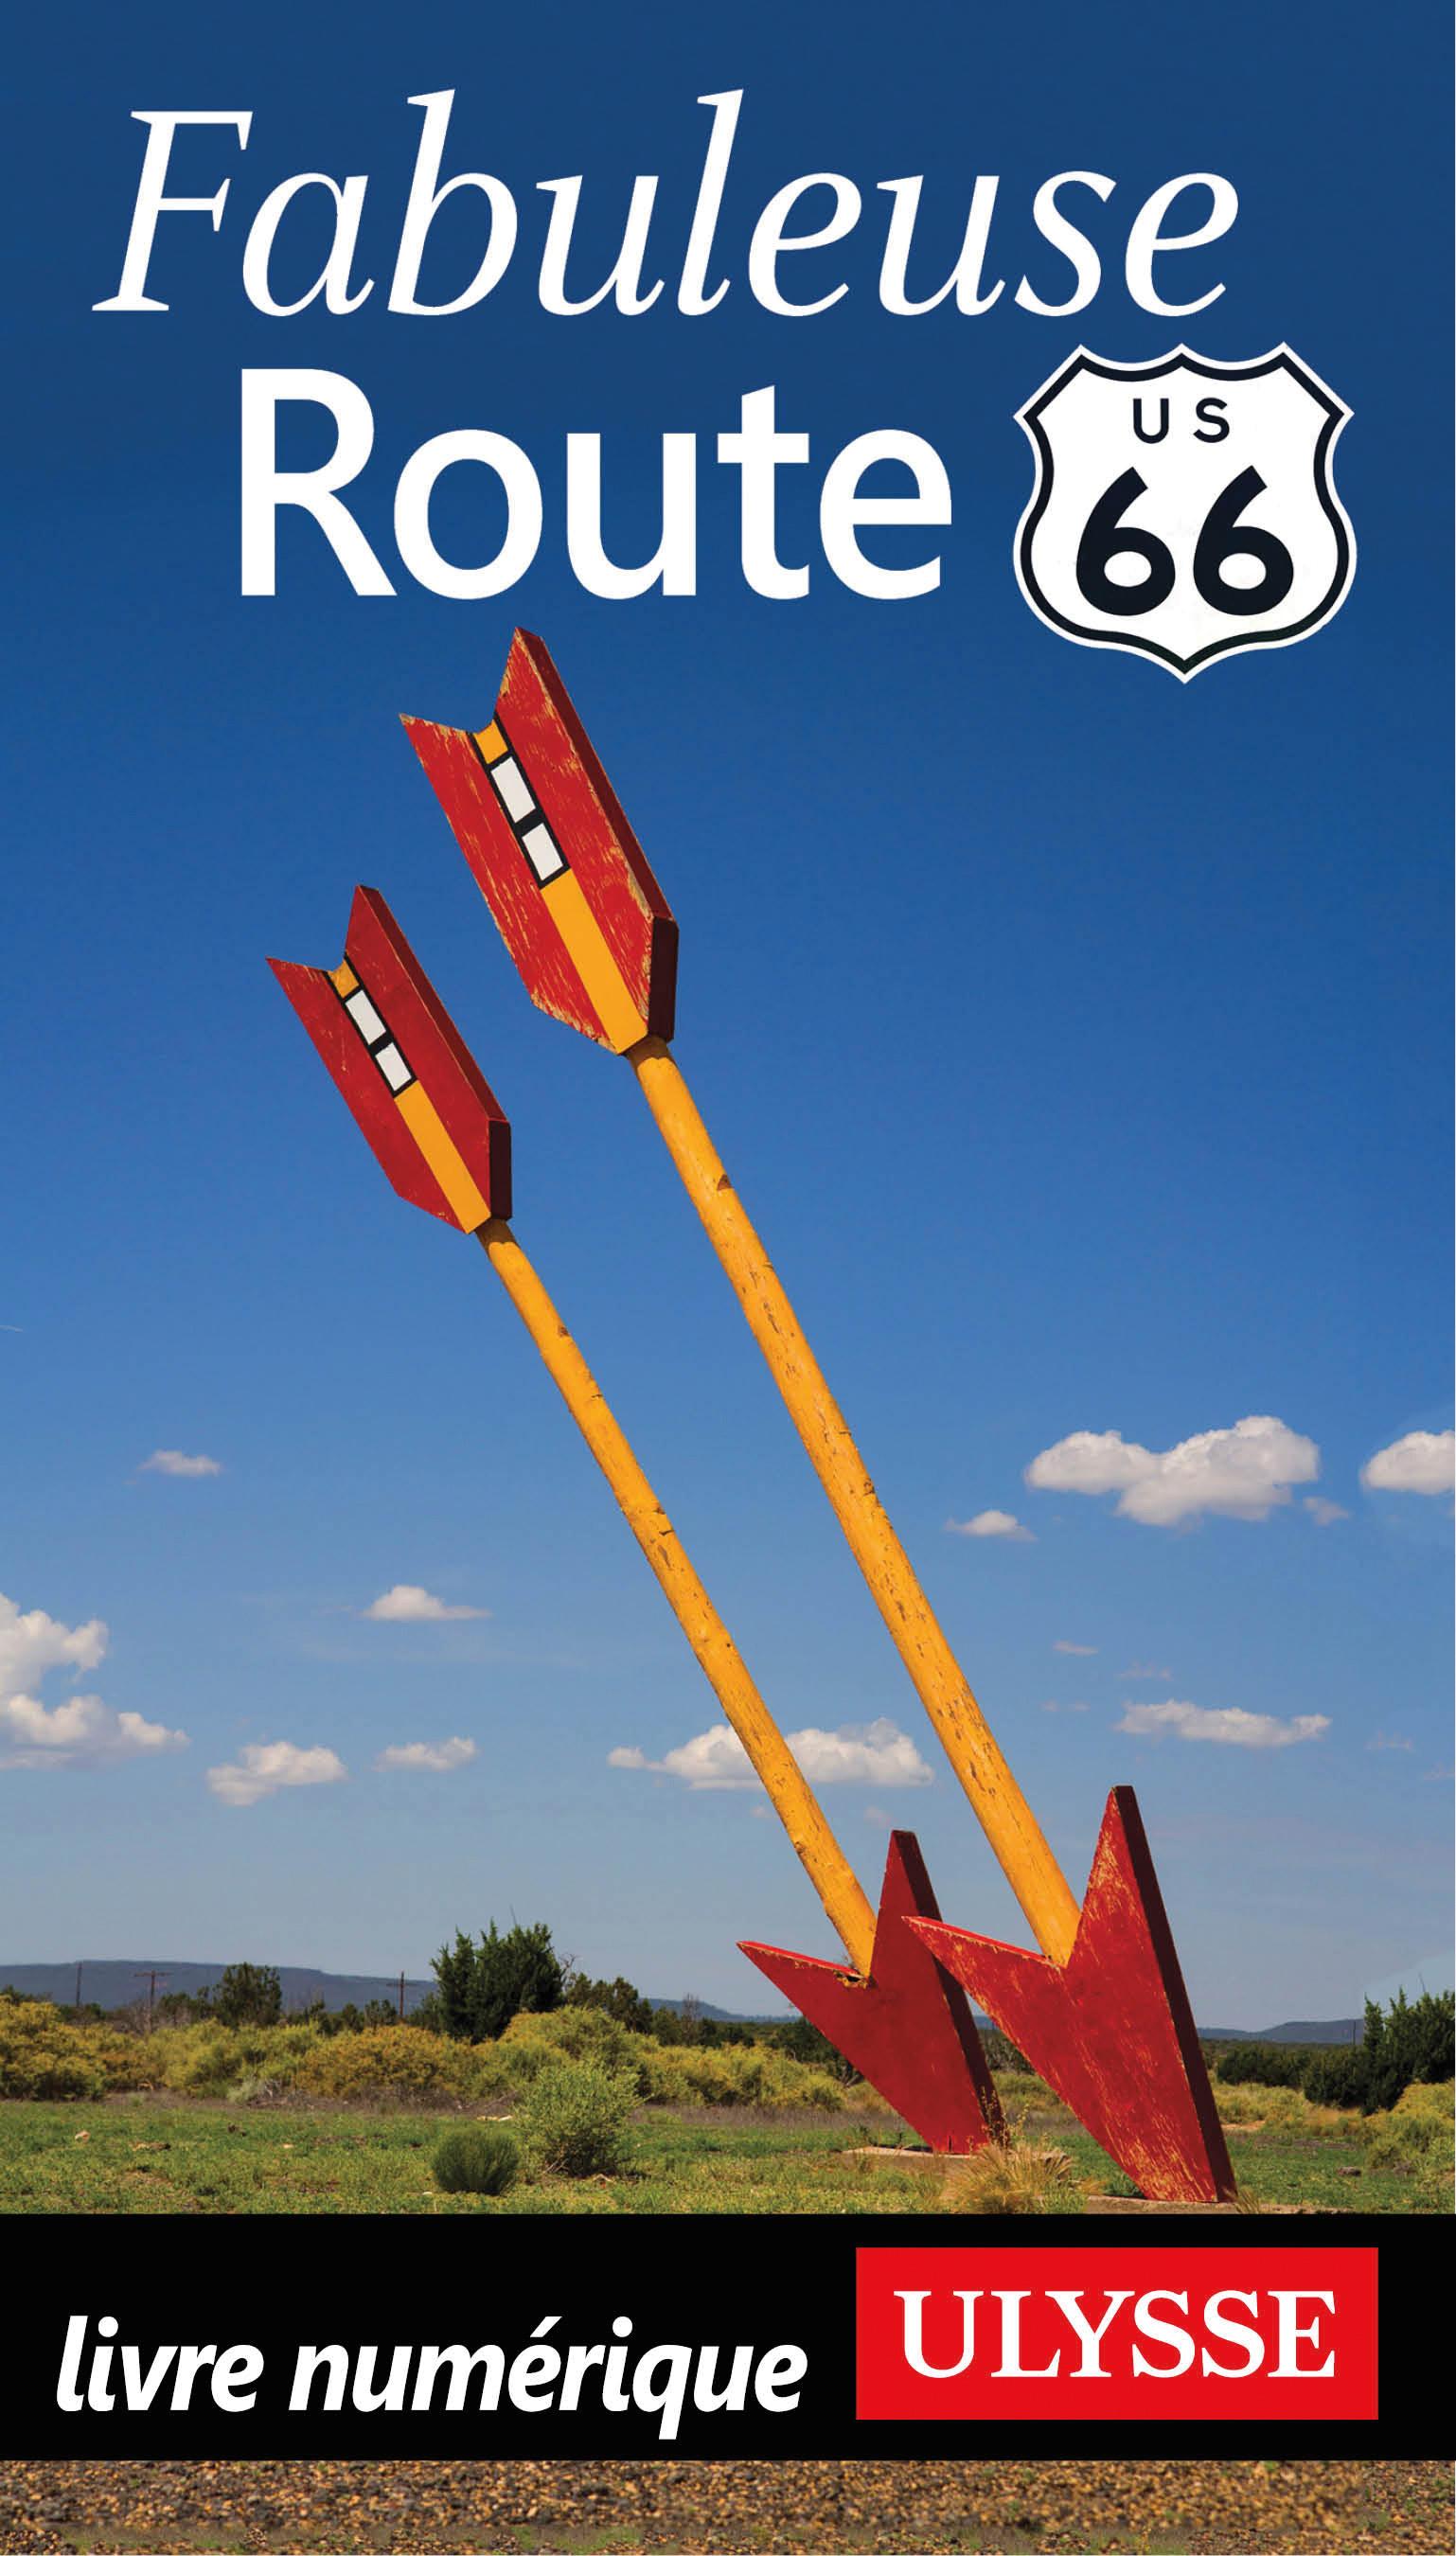 Fabuleuse Route 66